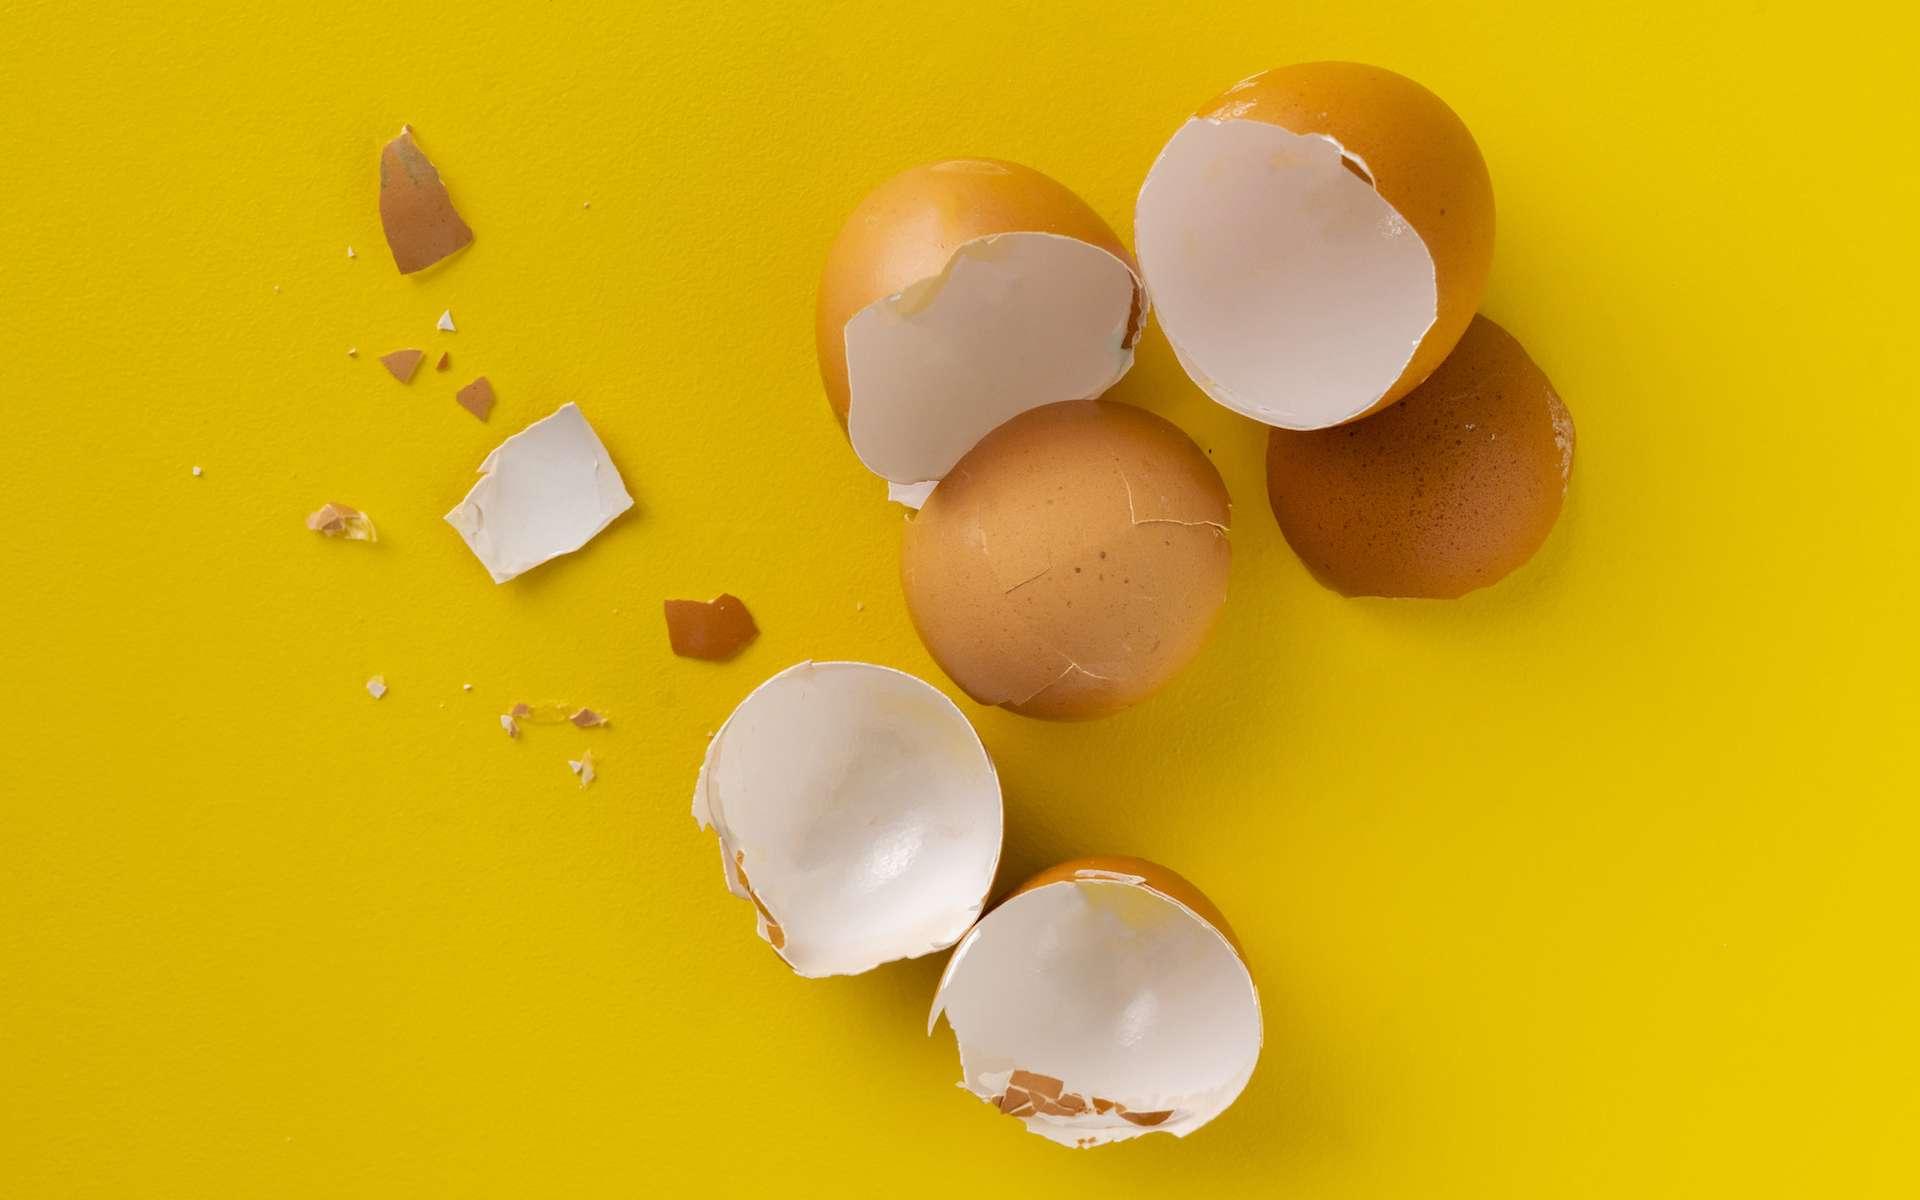 Comment remplacer les œufs ? © Mihail, Adobe Stock